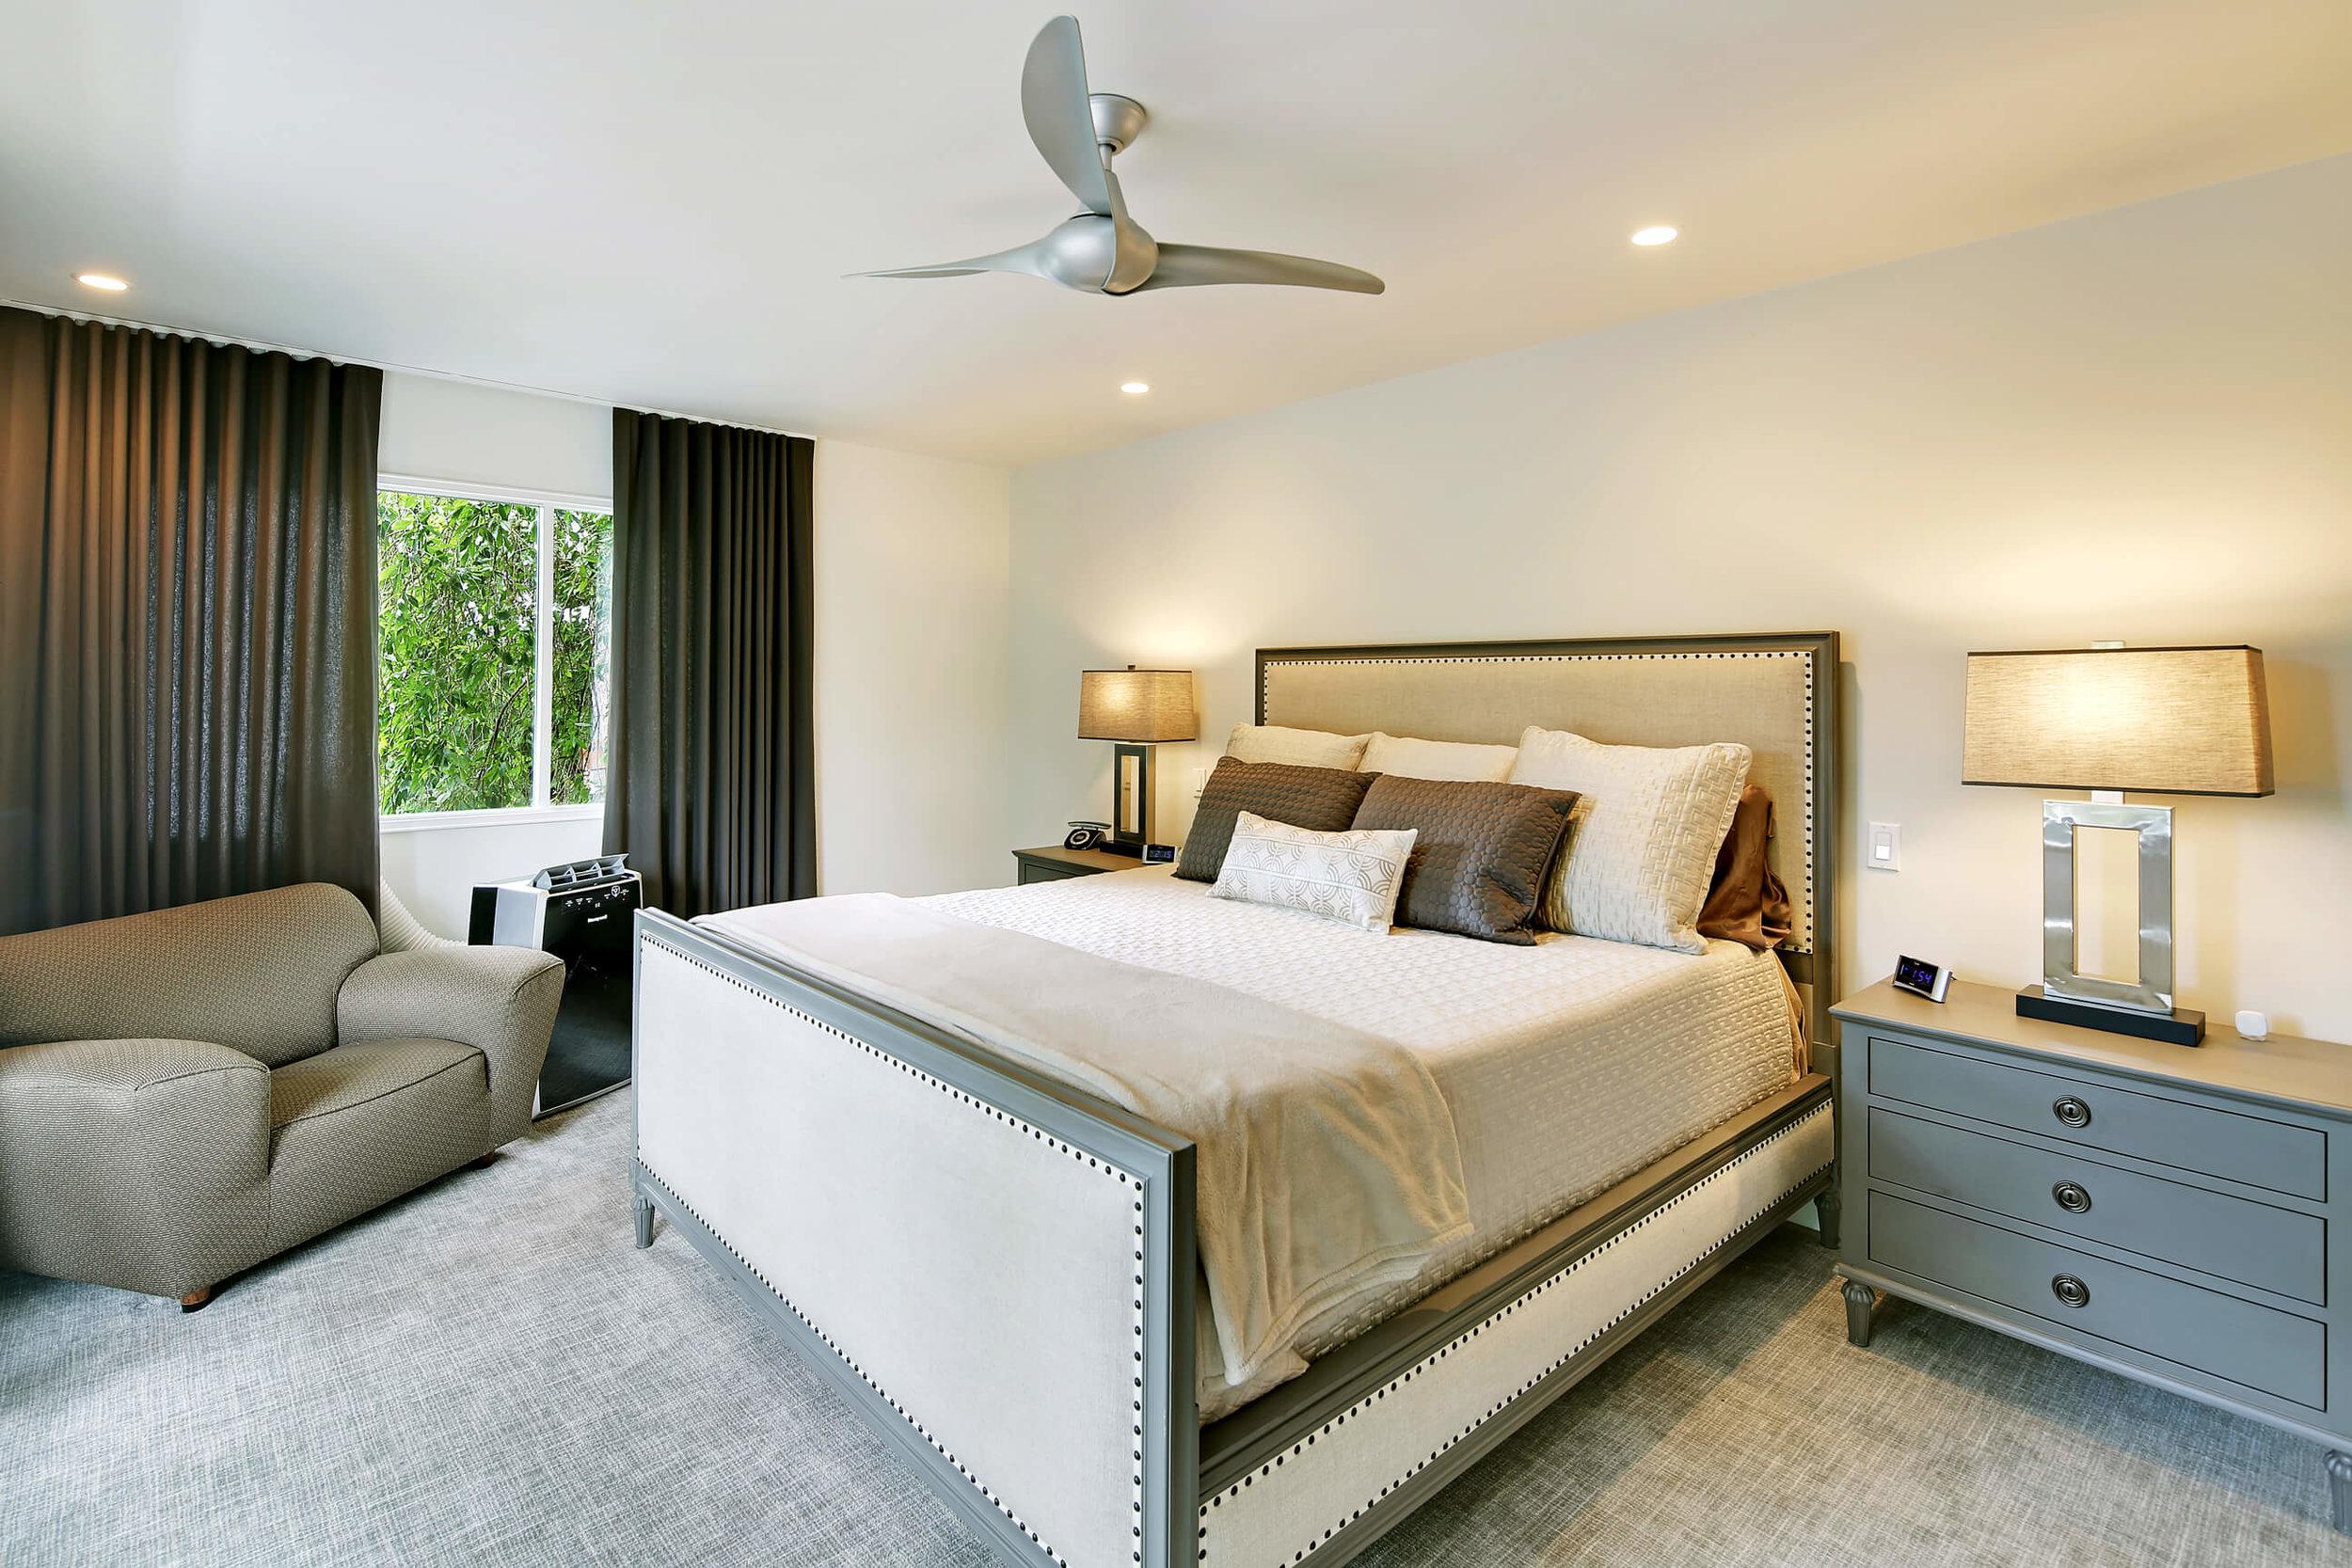 Master bedroom interior.